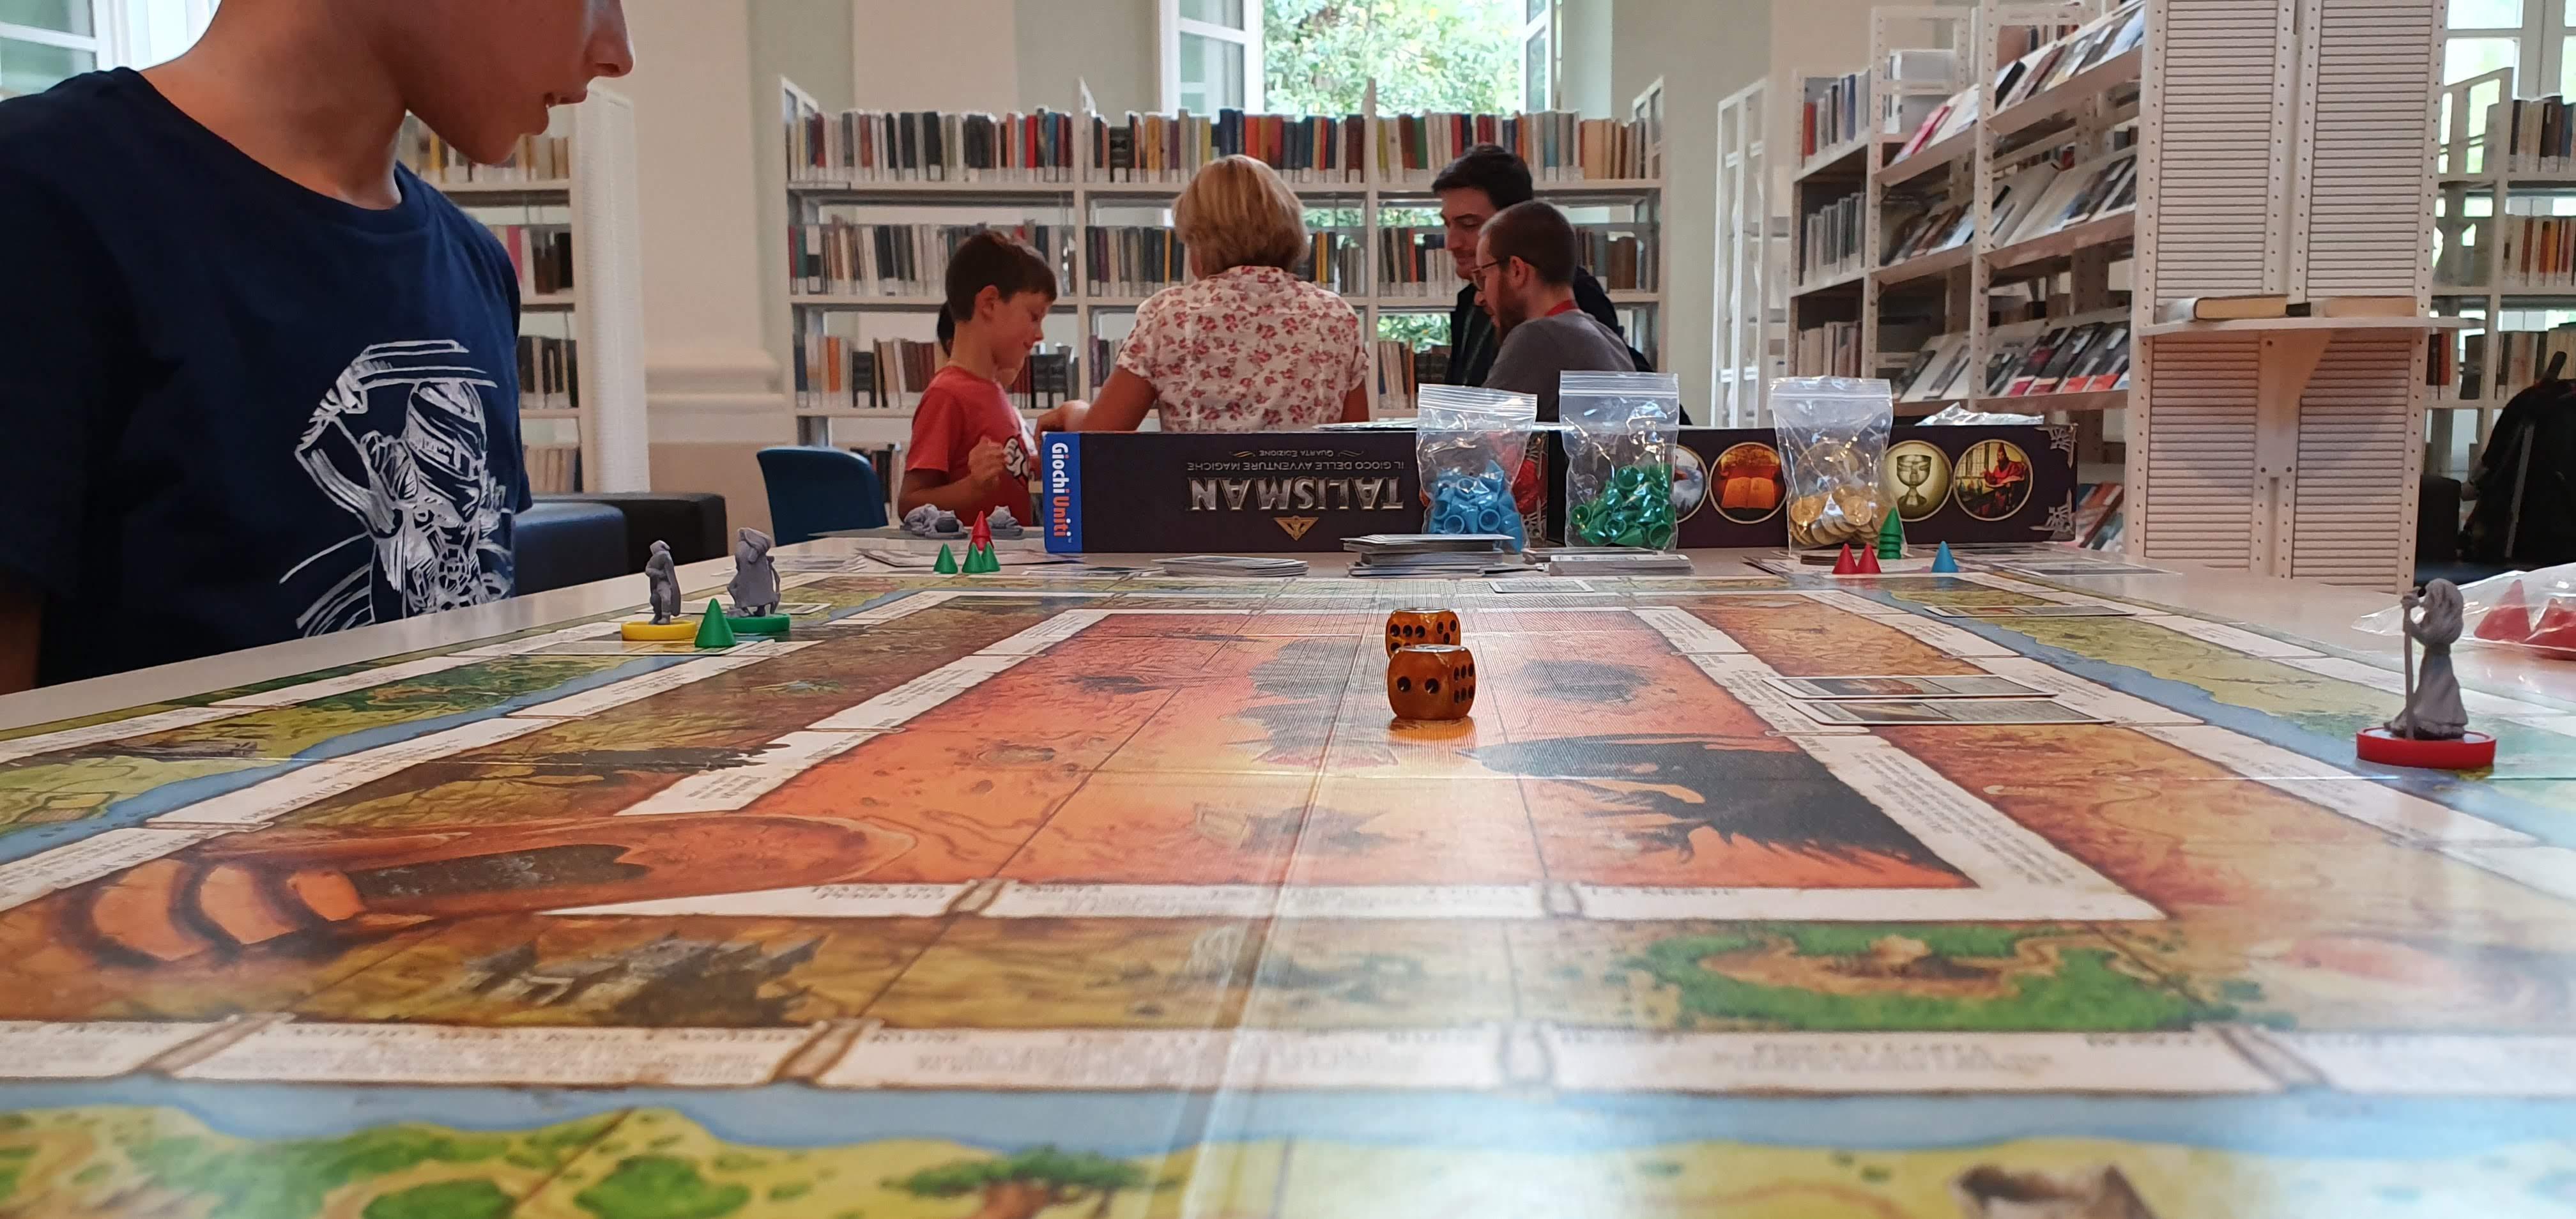 Cesena, giochi da tavolo al posto dei libri alla Malatestiana Gaming